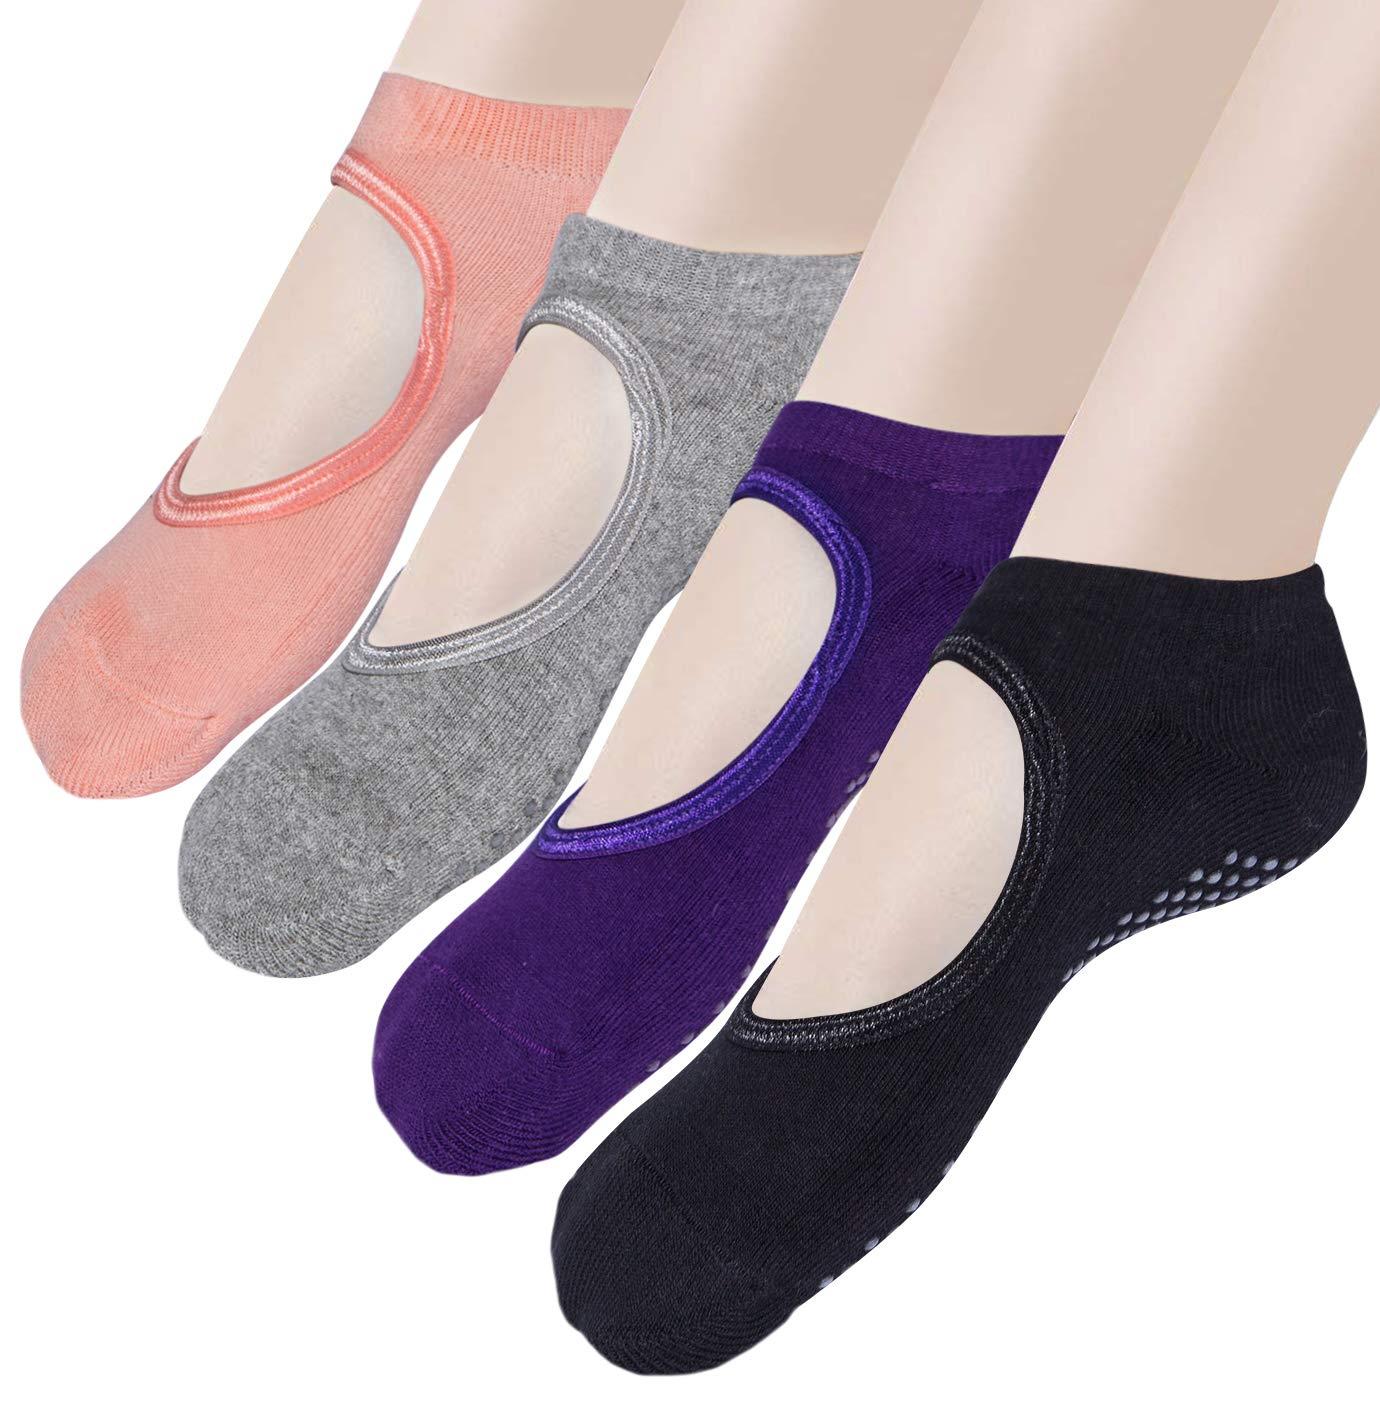 Loritta Yoga Socks Pilates Barre Non Skid Slip Ballet Socks with Grips for Women